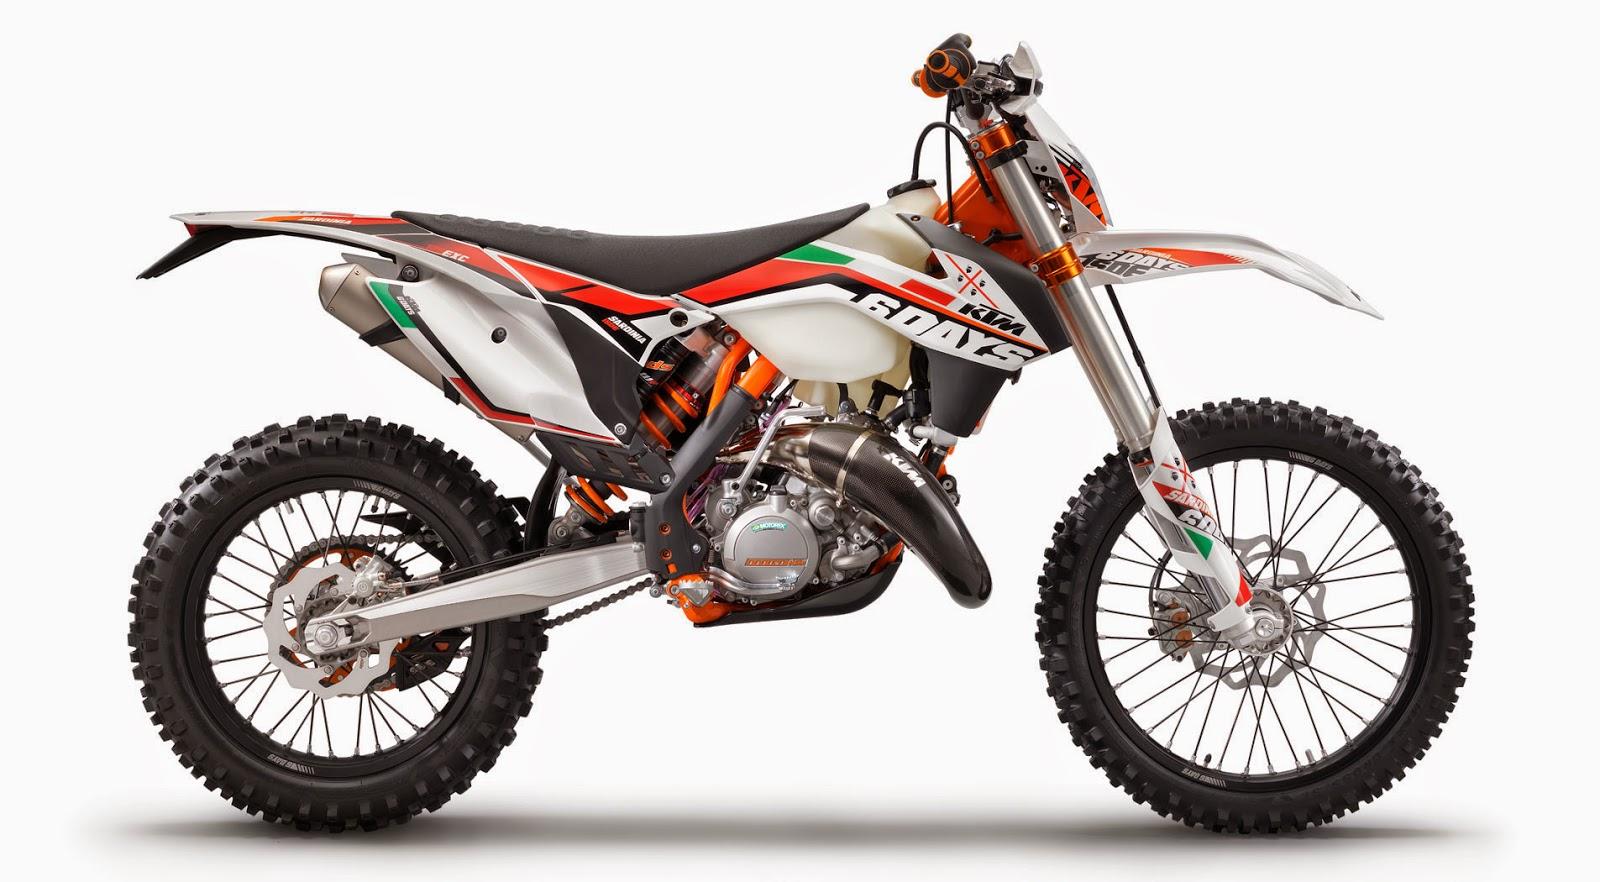 KTM 250 EXC Used Bikes